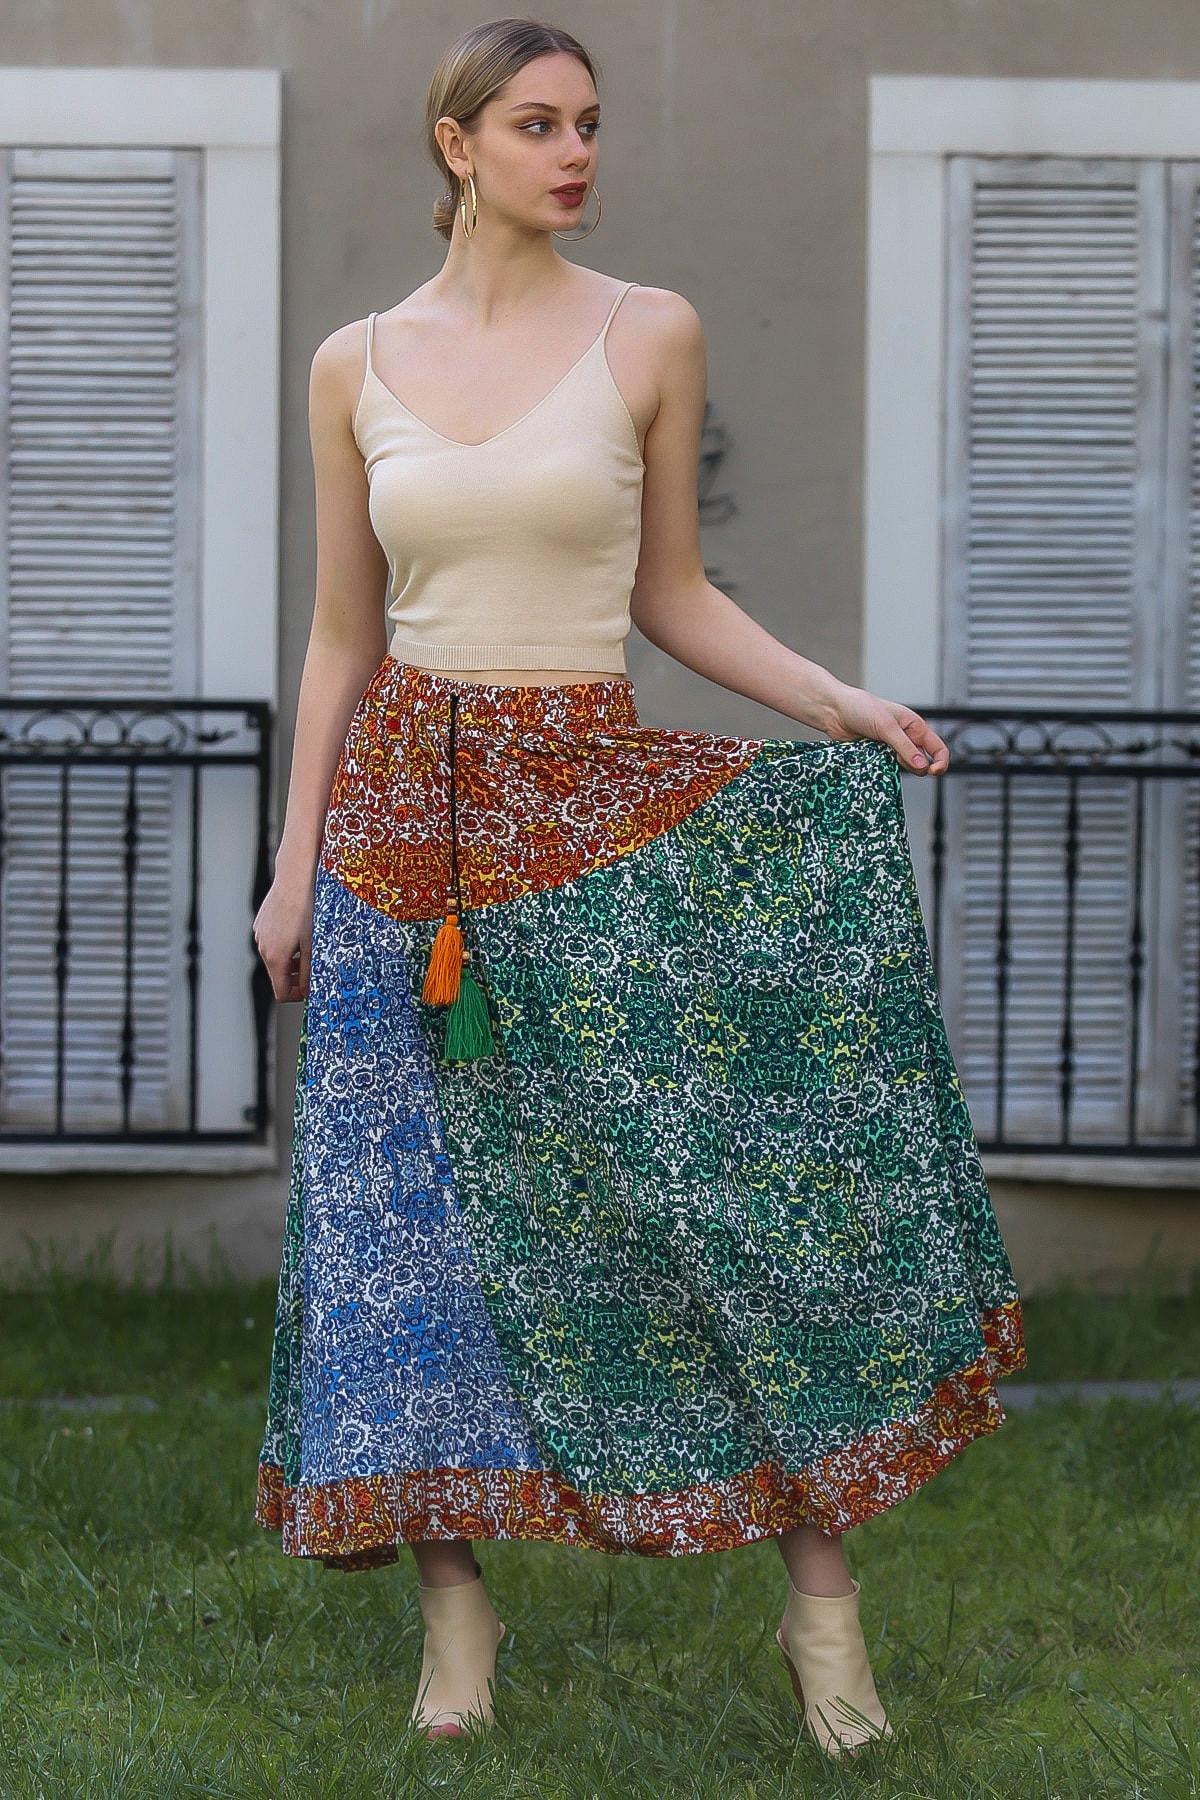 Chiccy Kadın Kiremit-Yeşil Çıtır Çiçek Desenli Kiremit Mavi Yeşil Bloklu Kloş Uzun Etek M10110000ET99252